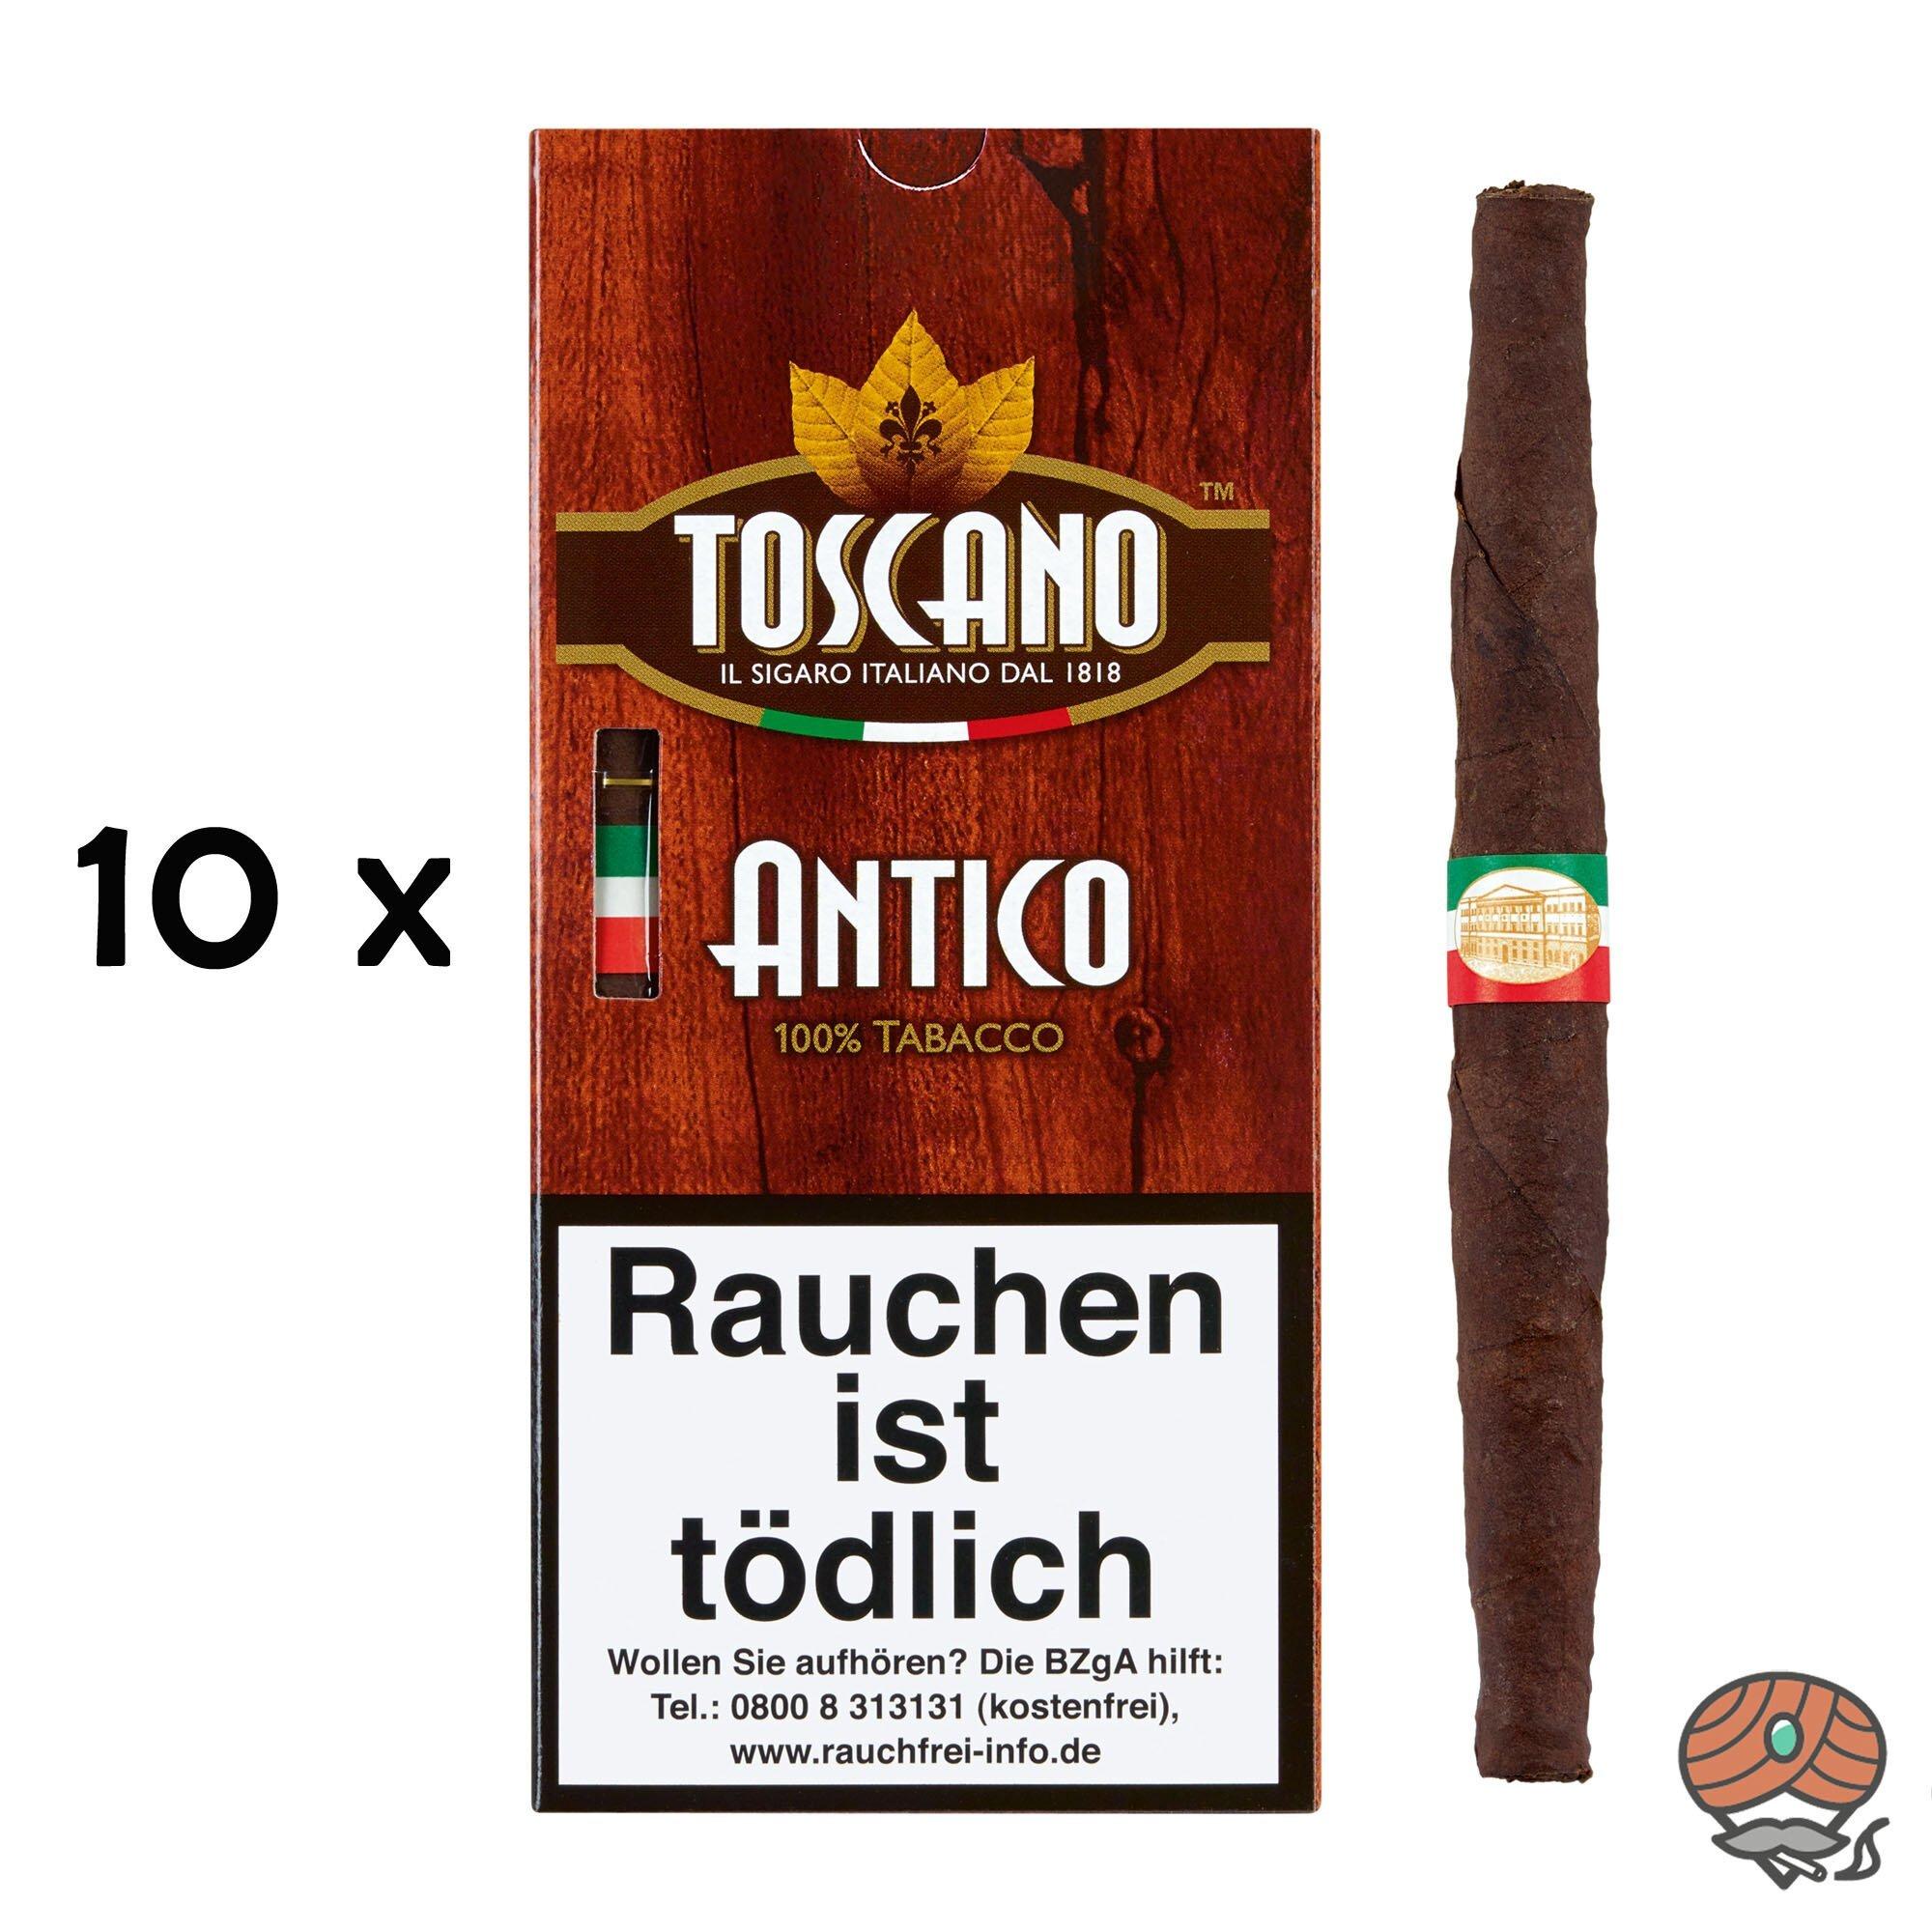 10 x Toscano Antico 100% Tabacco Zigarren à 5 Stück